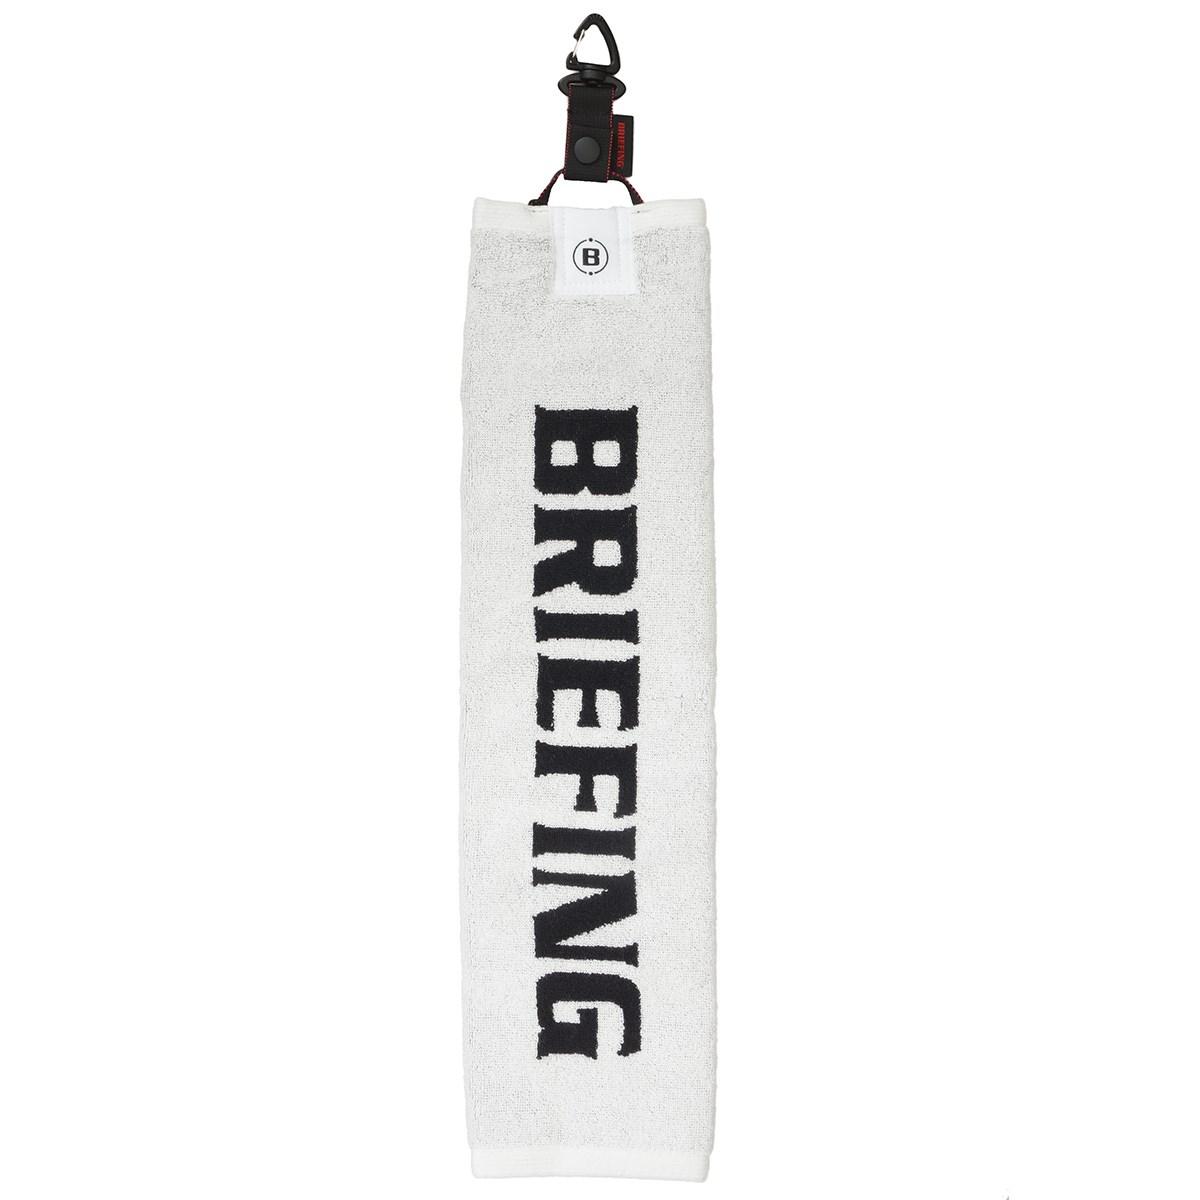 ブリーフィング BRIEFING ラウンドタオル ホワイト